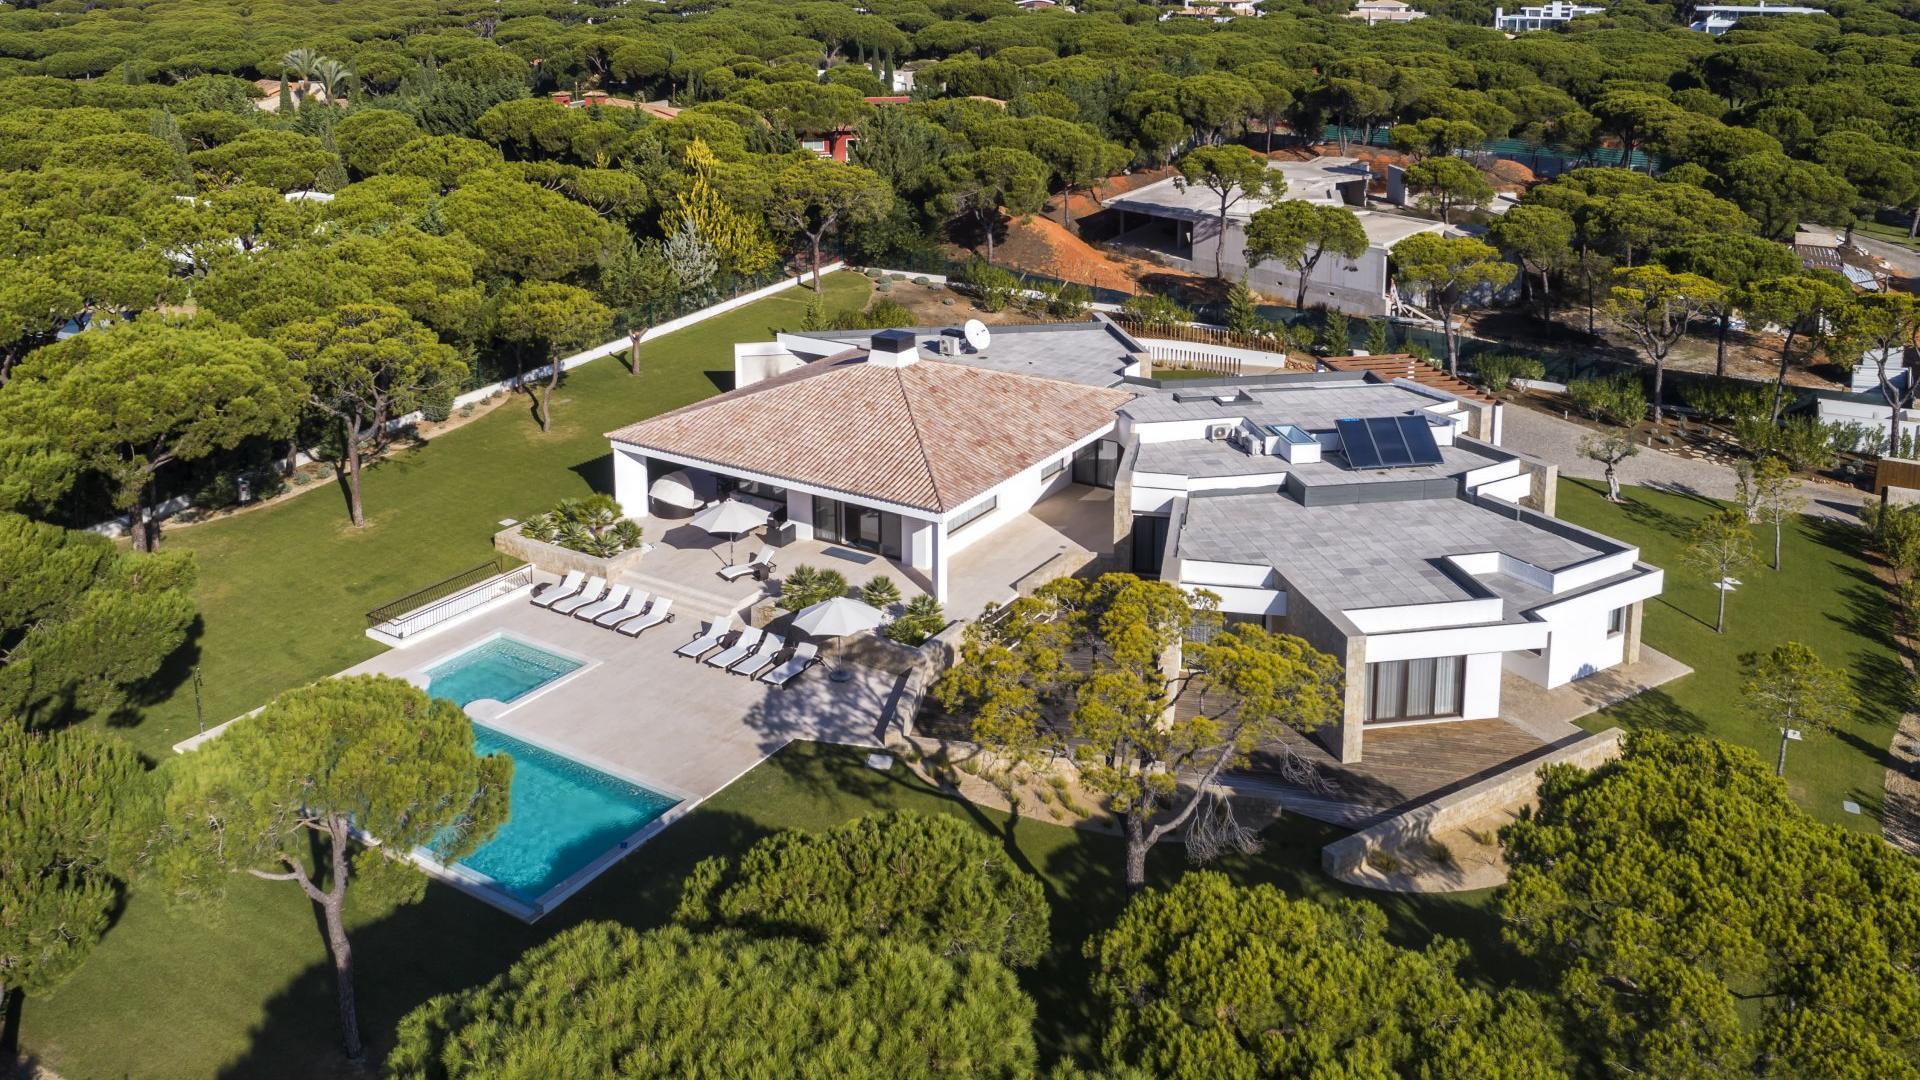 Casa Pinhal Velho - Vilamoura & Quarteira, Algarve - DJI_0004.jpg